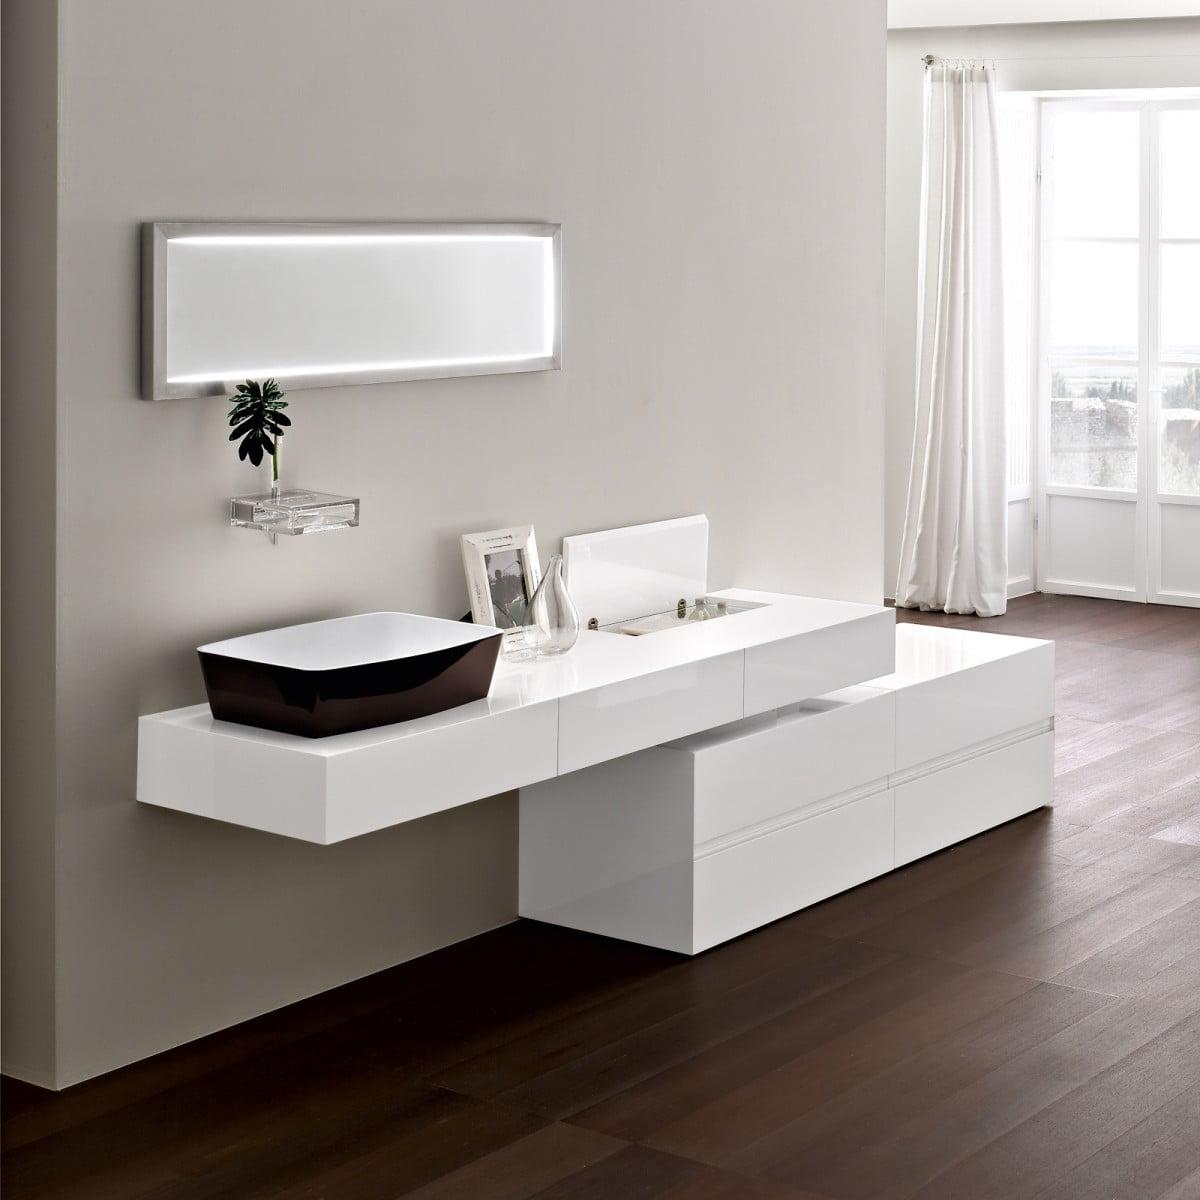 Cuarto de baño moderno (Diseño: Toscoquattro)